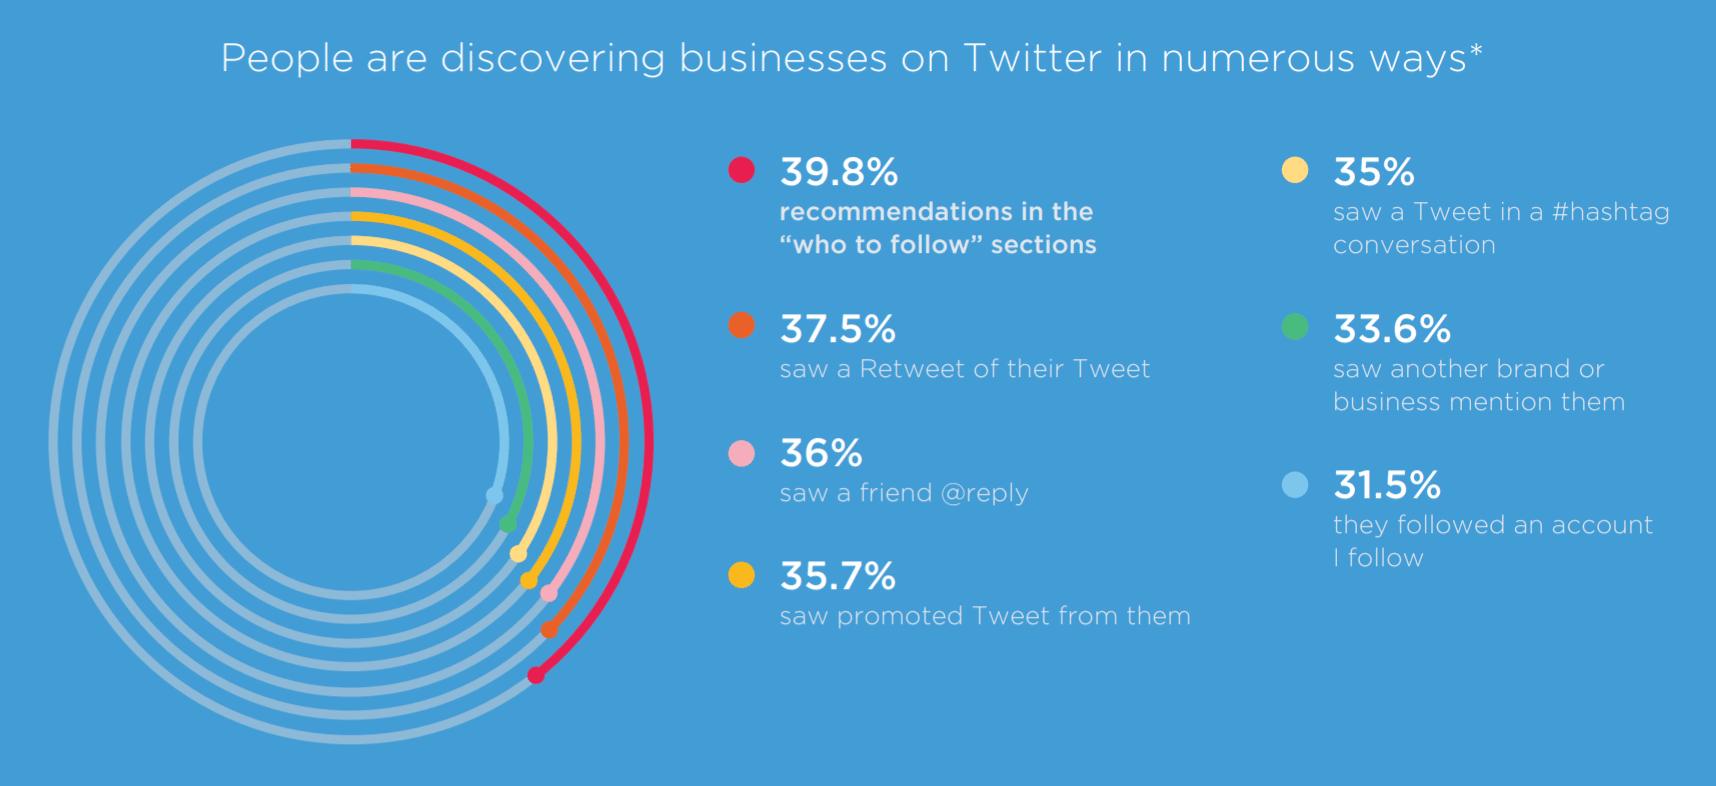 Marken auf Twitter entdecken